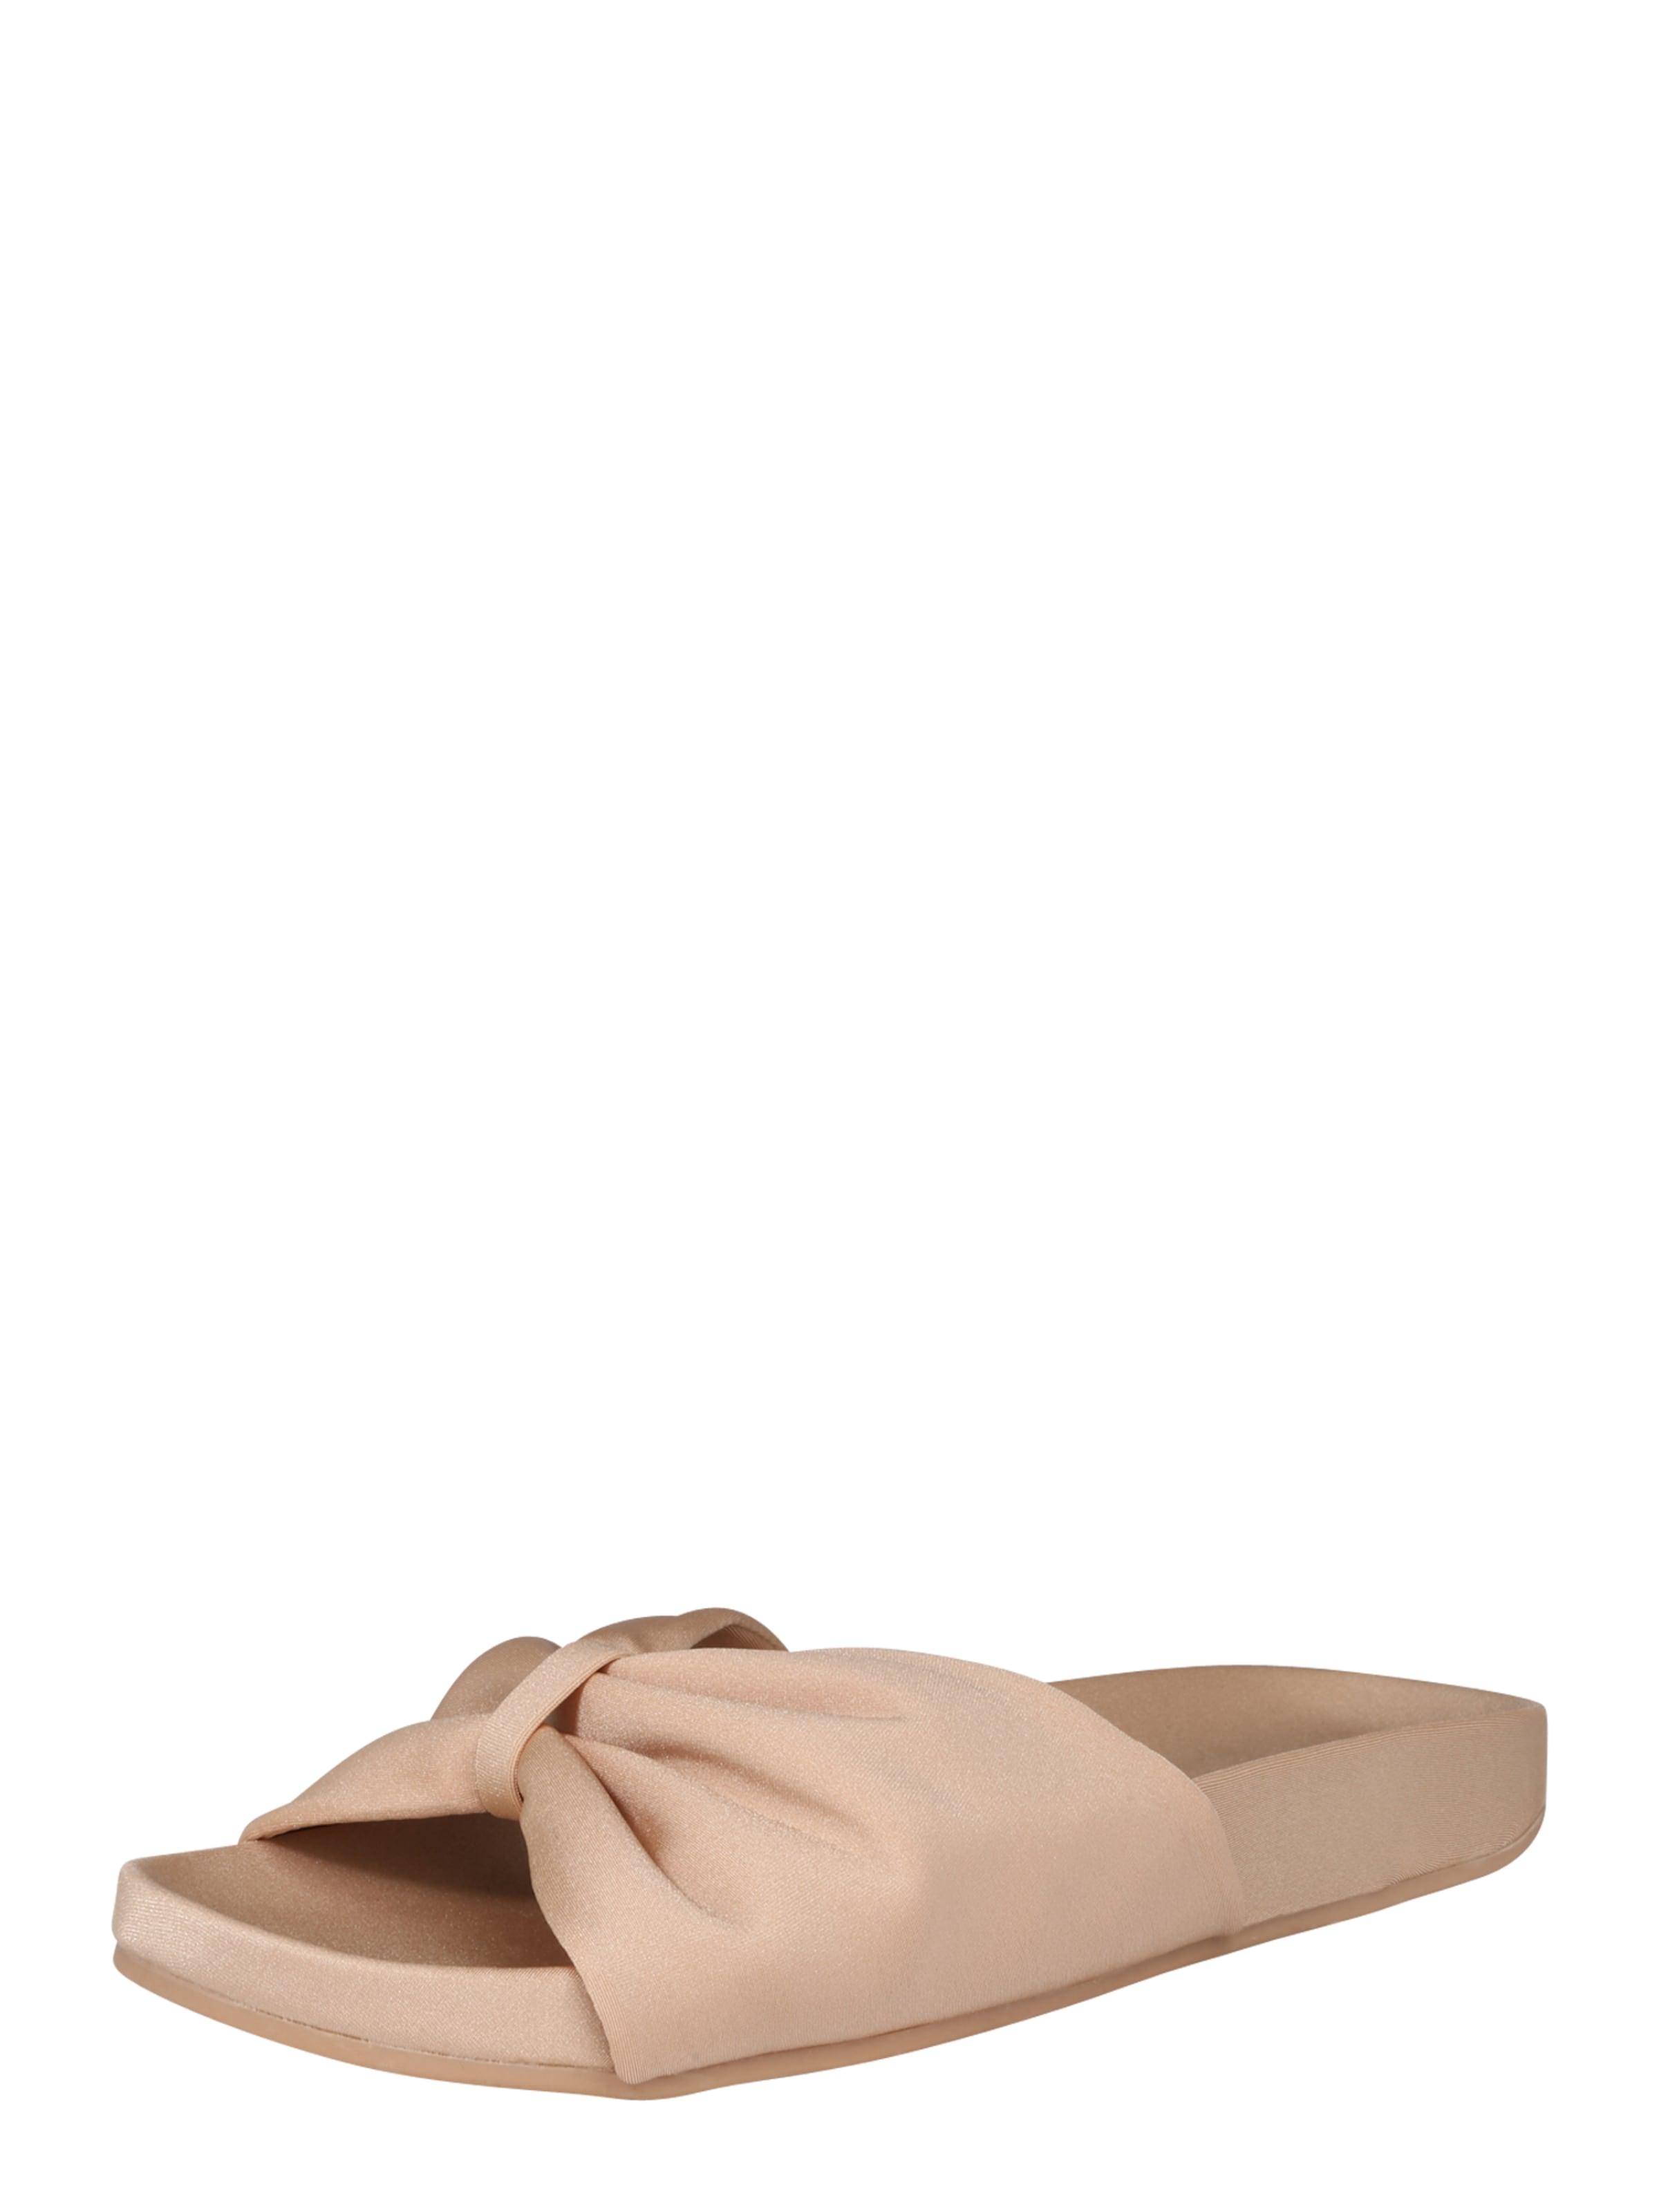 CALL IT SPRING | Pantoletten 'ABEIWIEN' Schuhe Gut getragene Schuhe